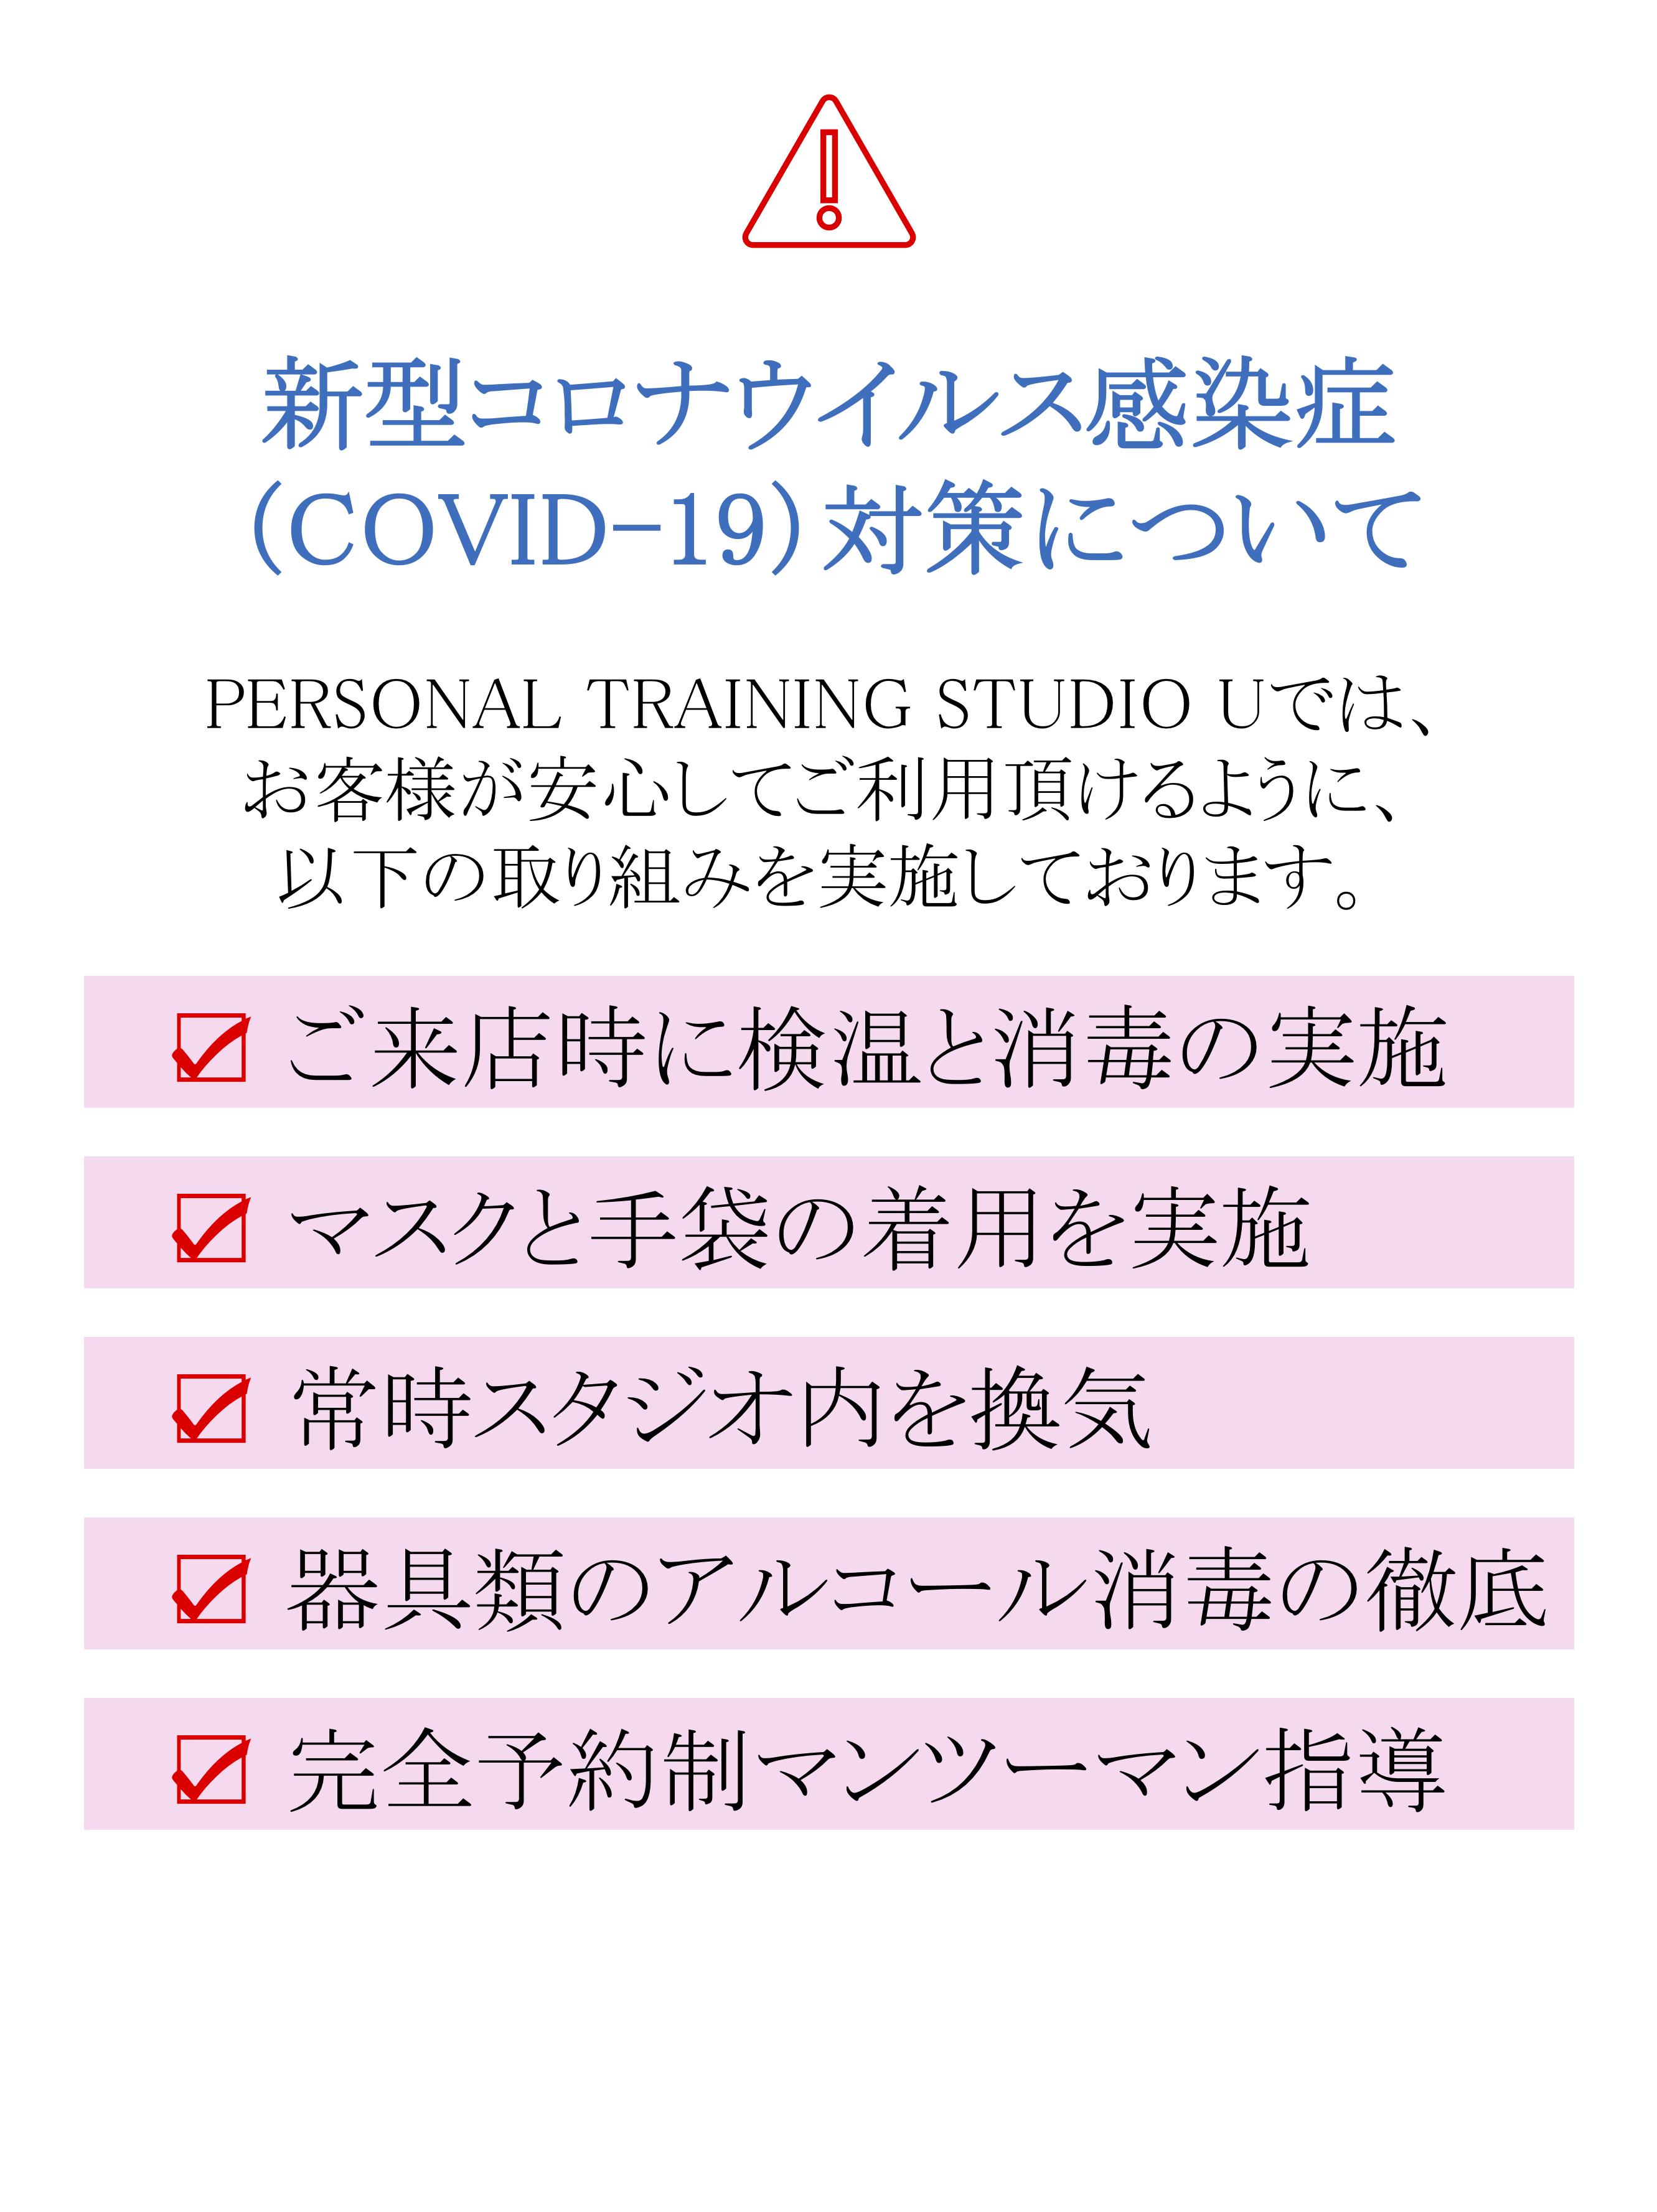 751EA056-80D3-4C4B-A5A0-9E752E8D0505.png